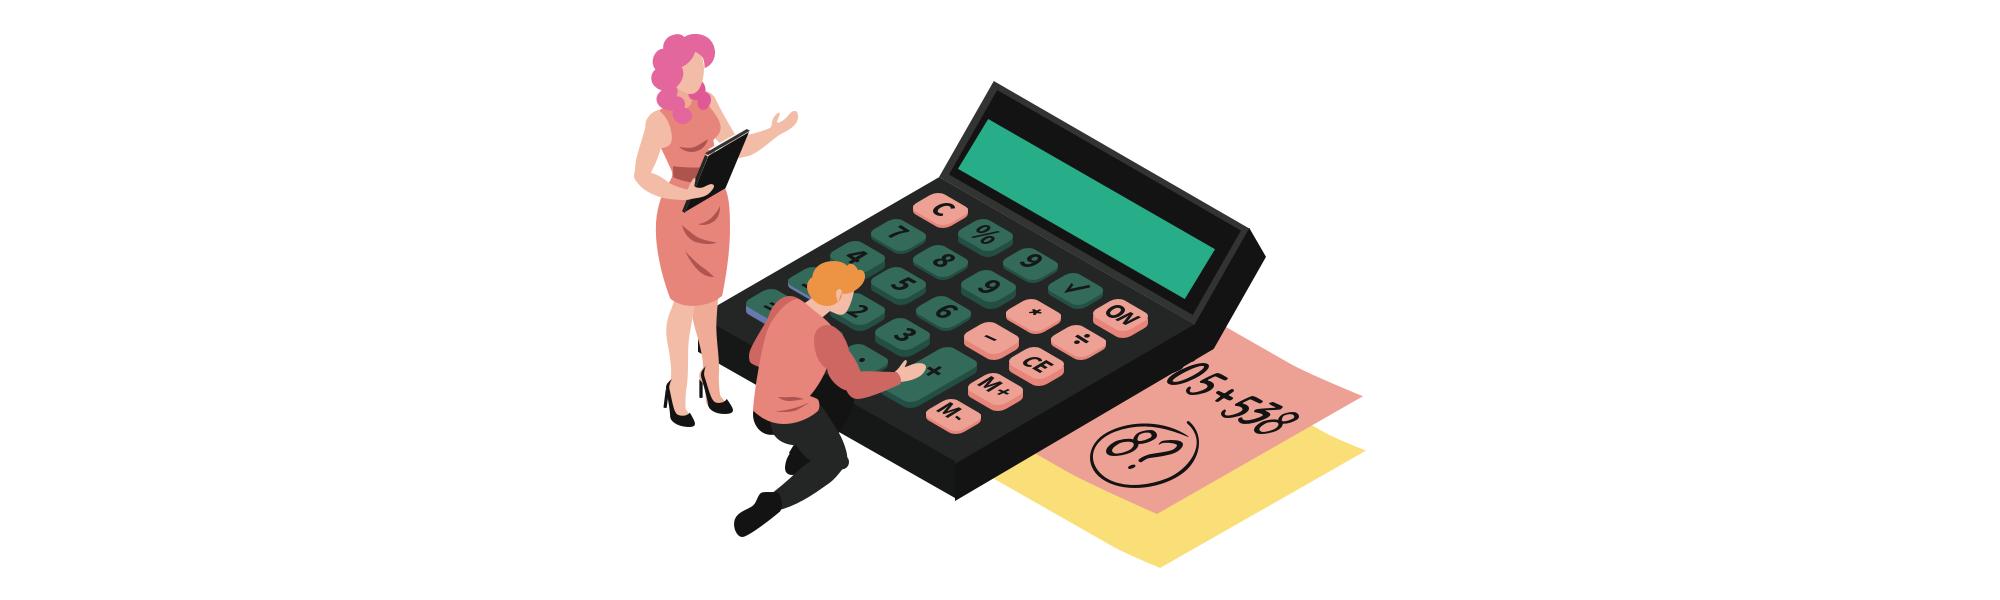 Deux personnes en train de calculer leurs économies grâce au différé de remboursement